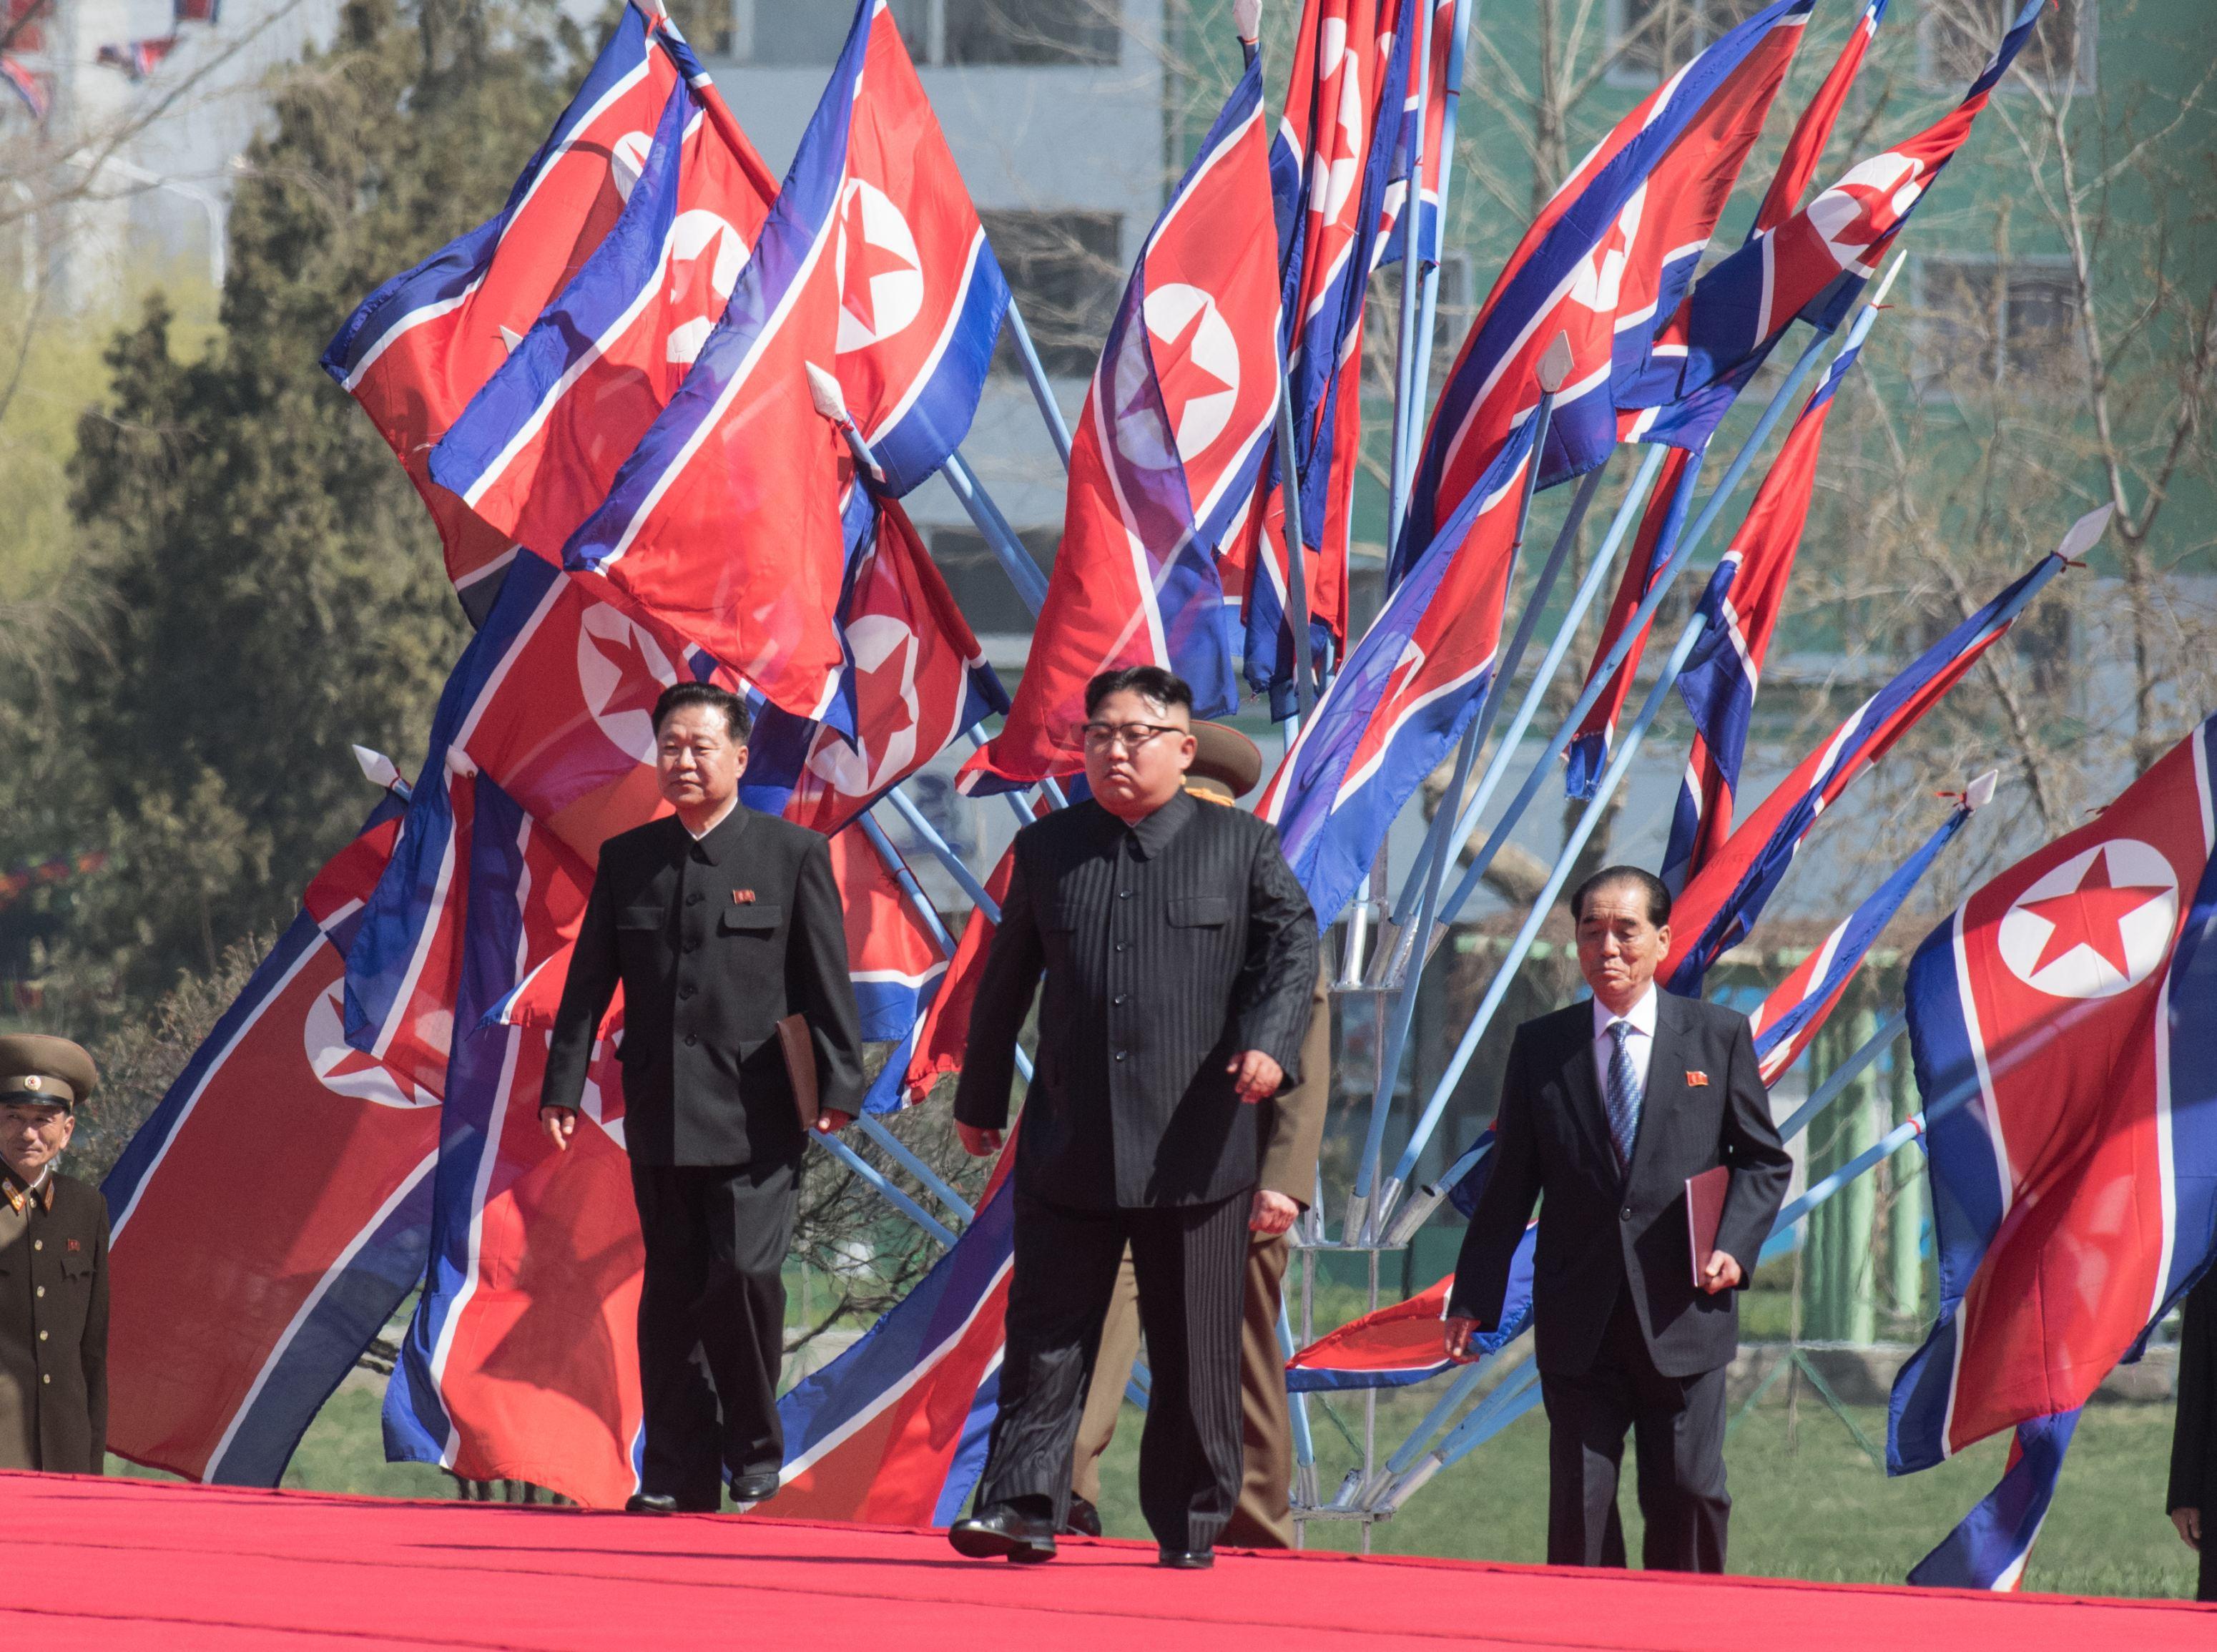 Cea mai mare zi de doliu naţional în Coreea de Nord | Kim Jong-Un a vizitat mausoleul tatălui său şi a jurat să `lupte pentru o ţară puternică` - VIDEO